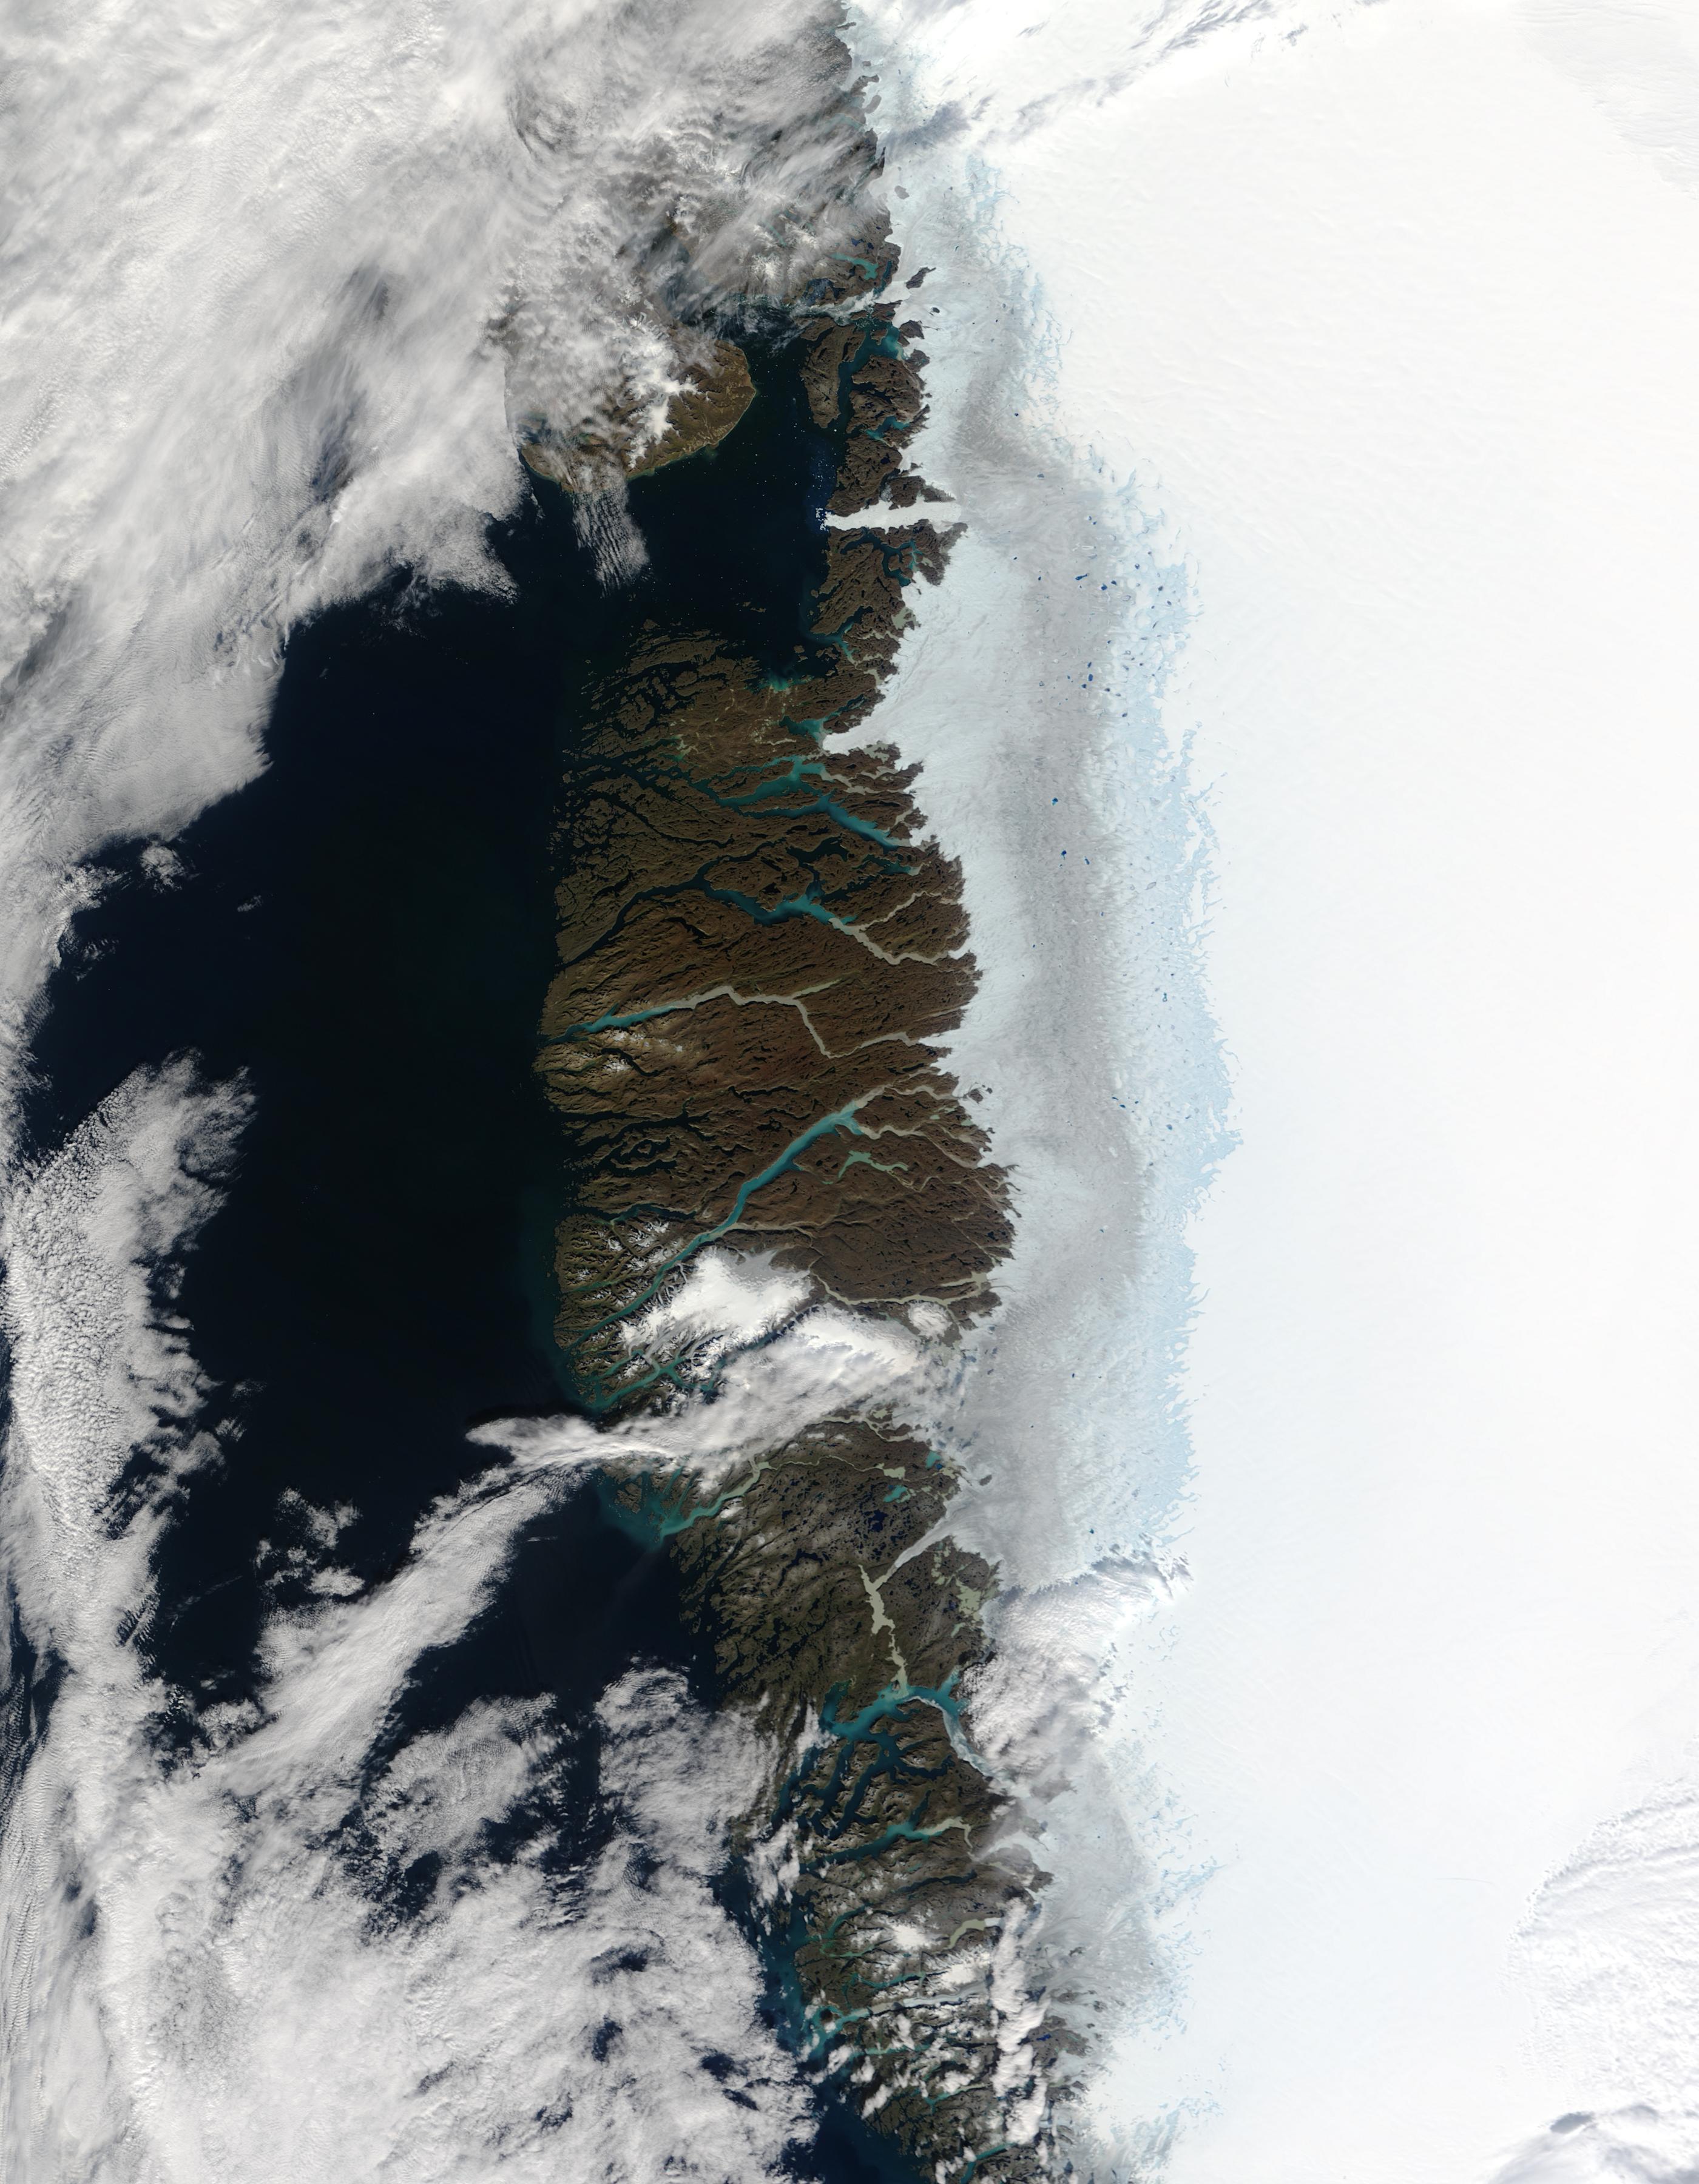 Estanques de agua del deshielo a lo largo de la costa oeste de Groenlandia